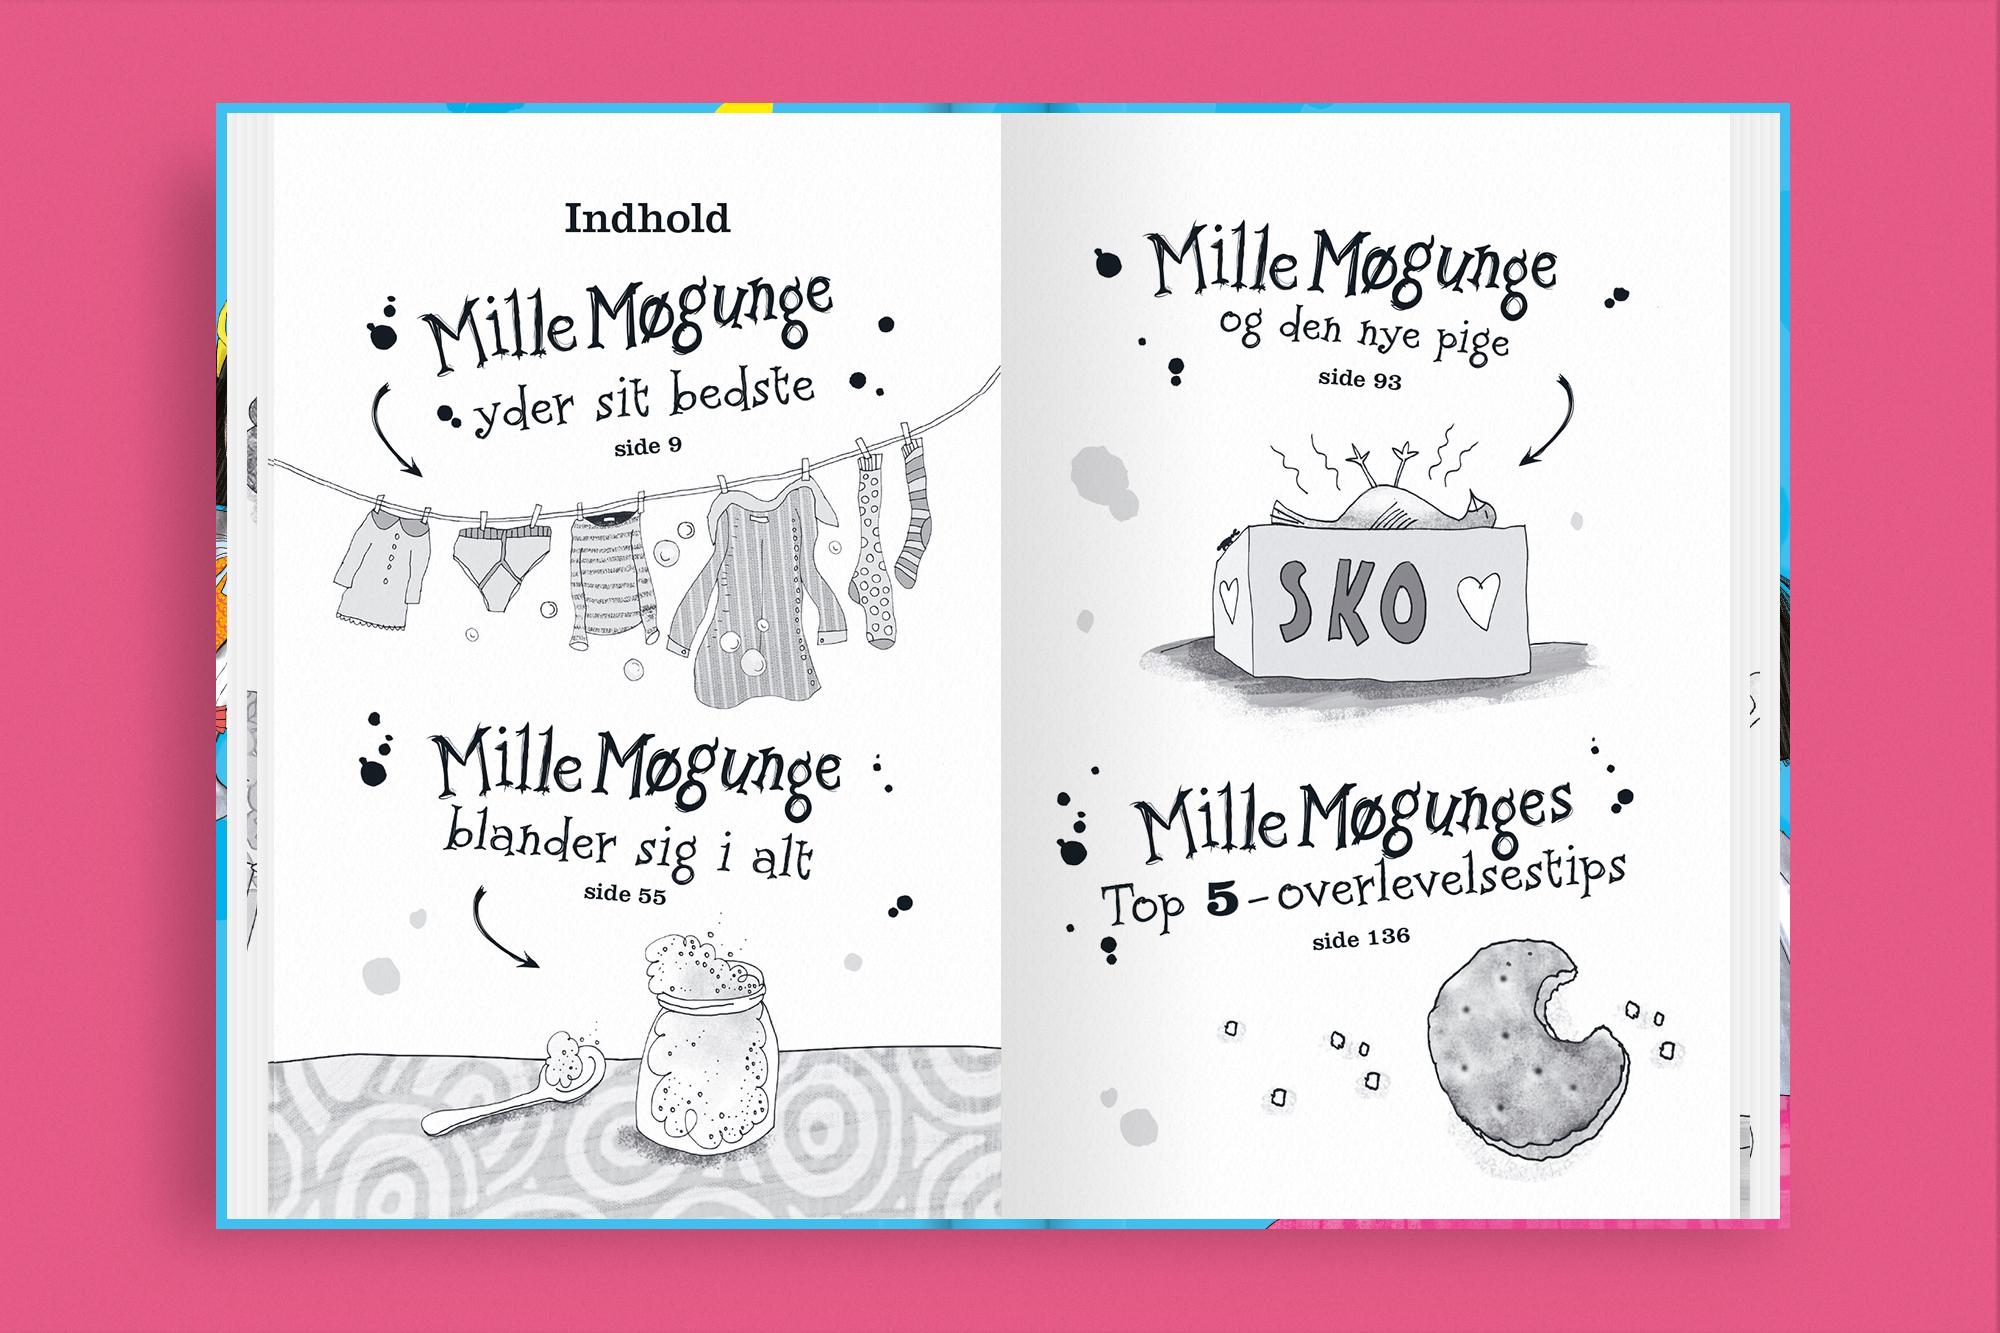 bogtilrettelaegning-bogopsaetning-boerneboger-grafiker-malene-hald-2